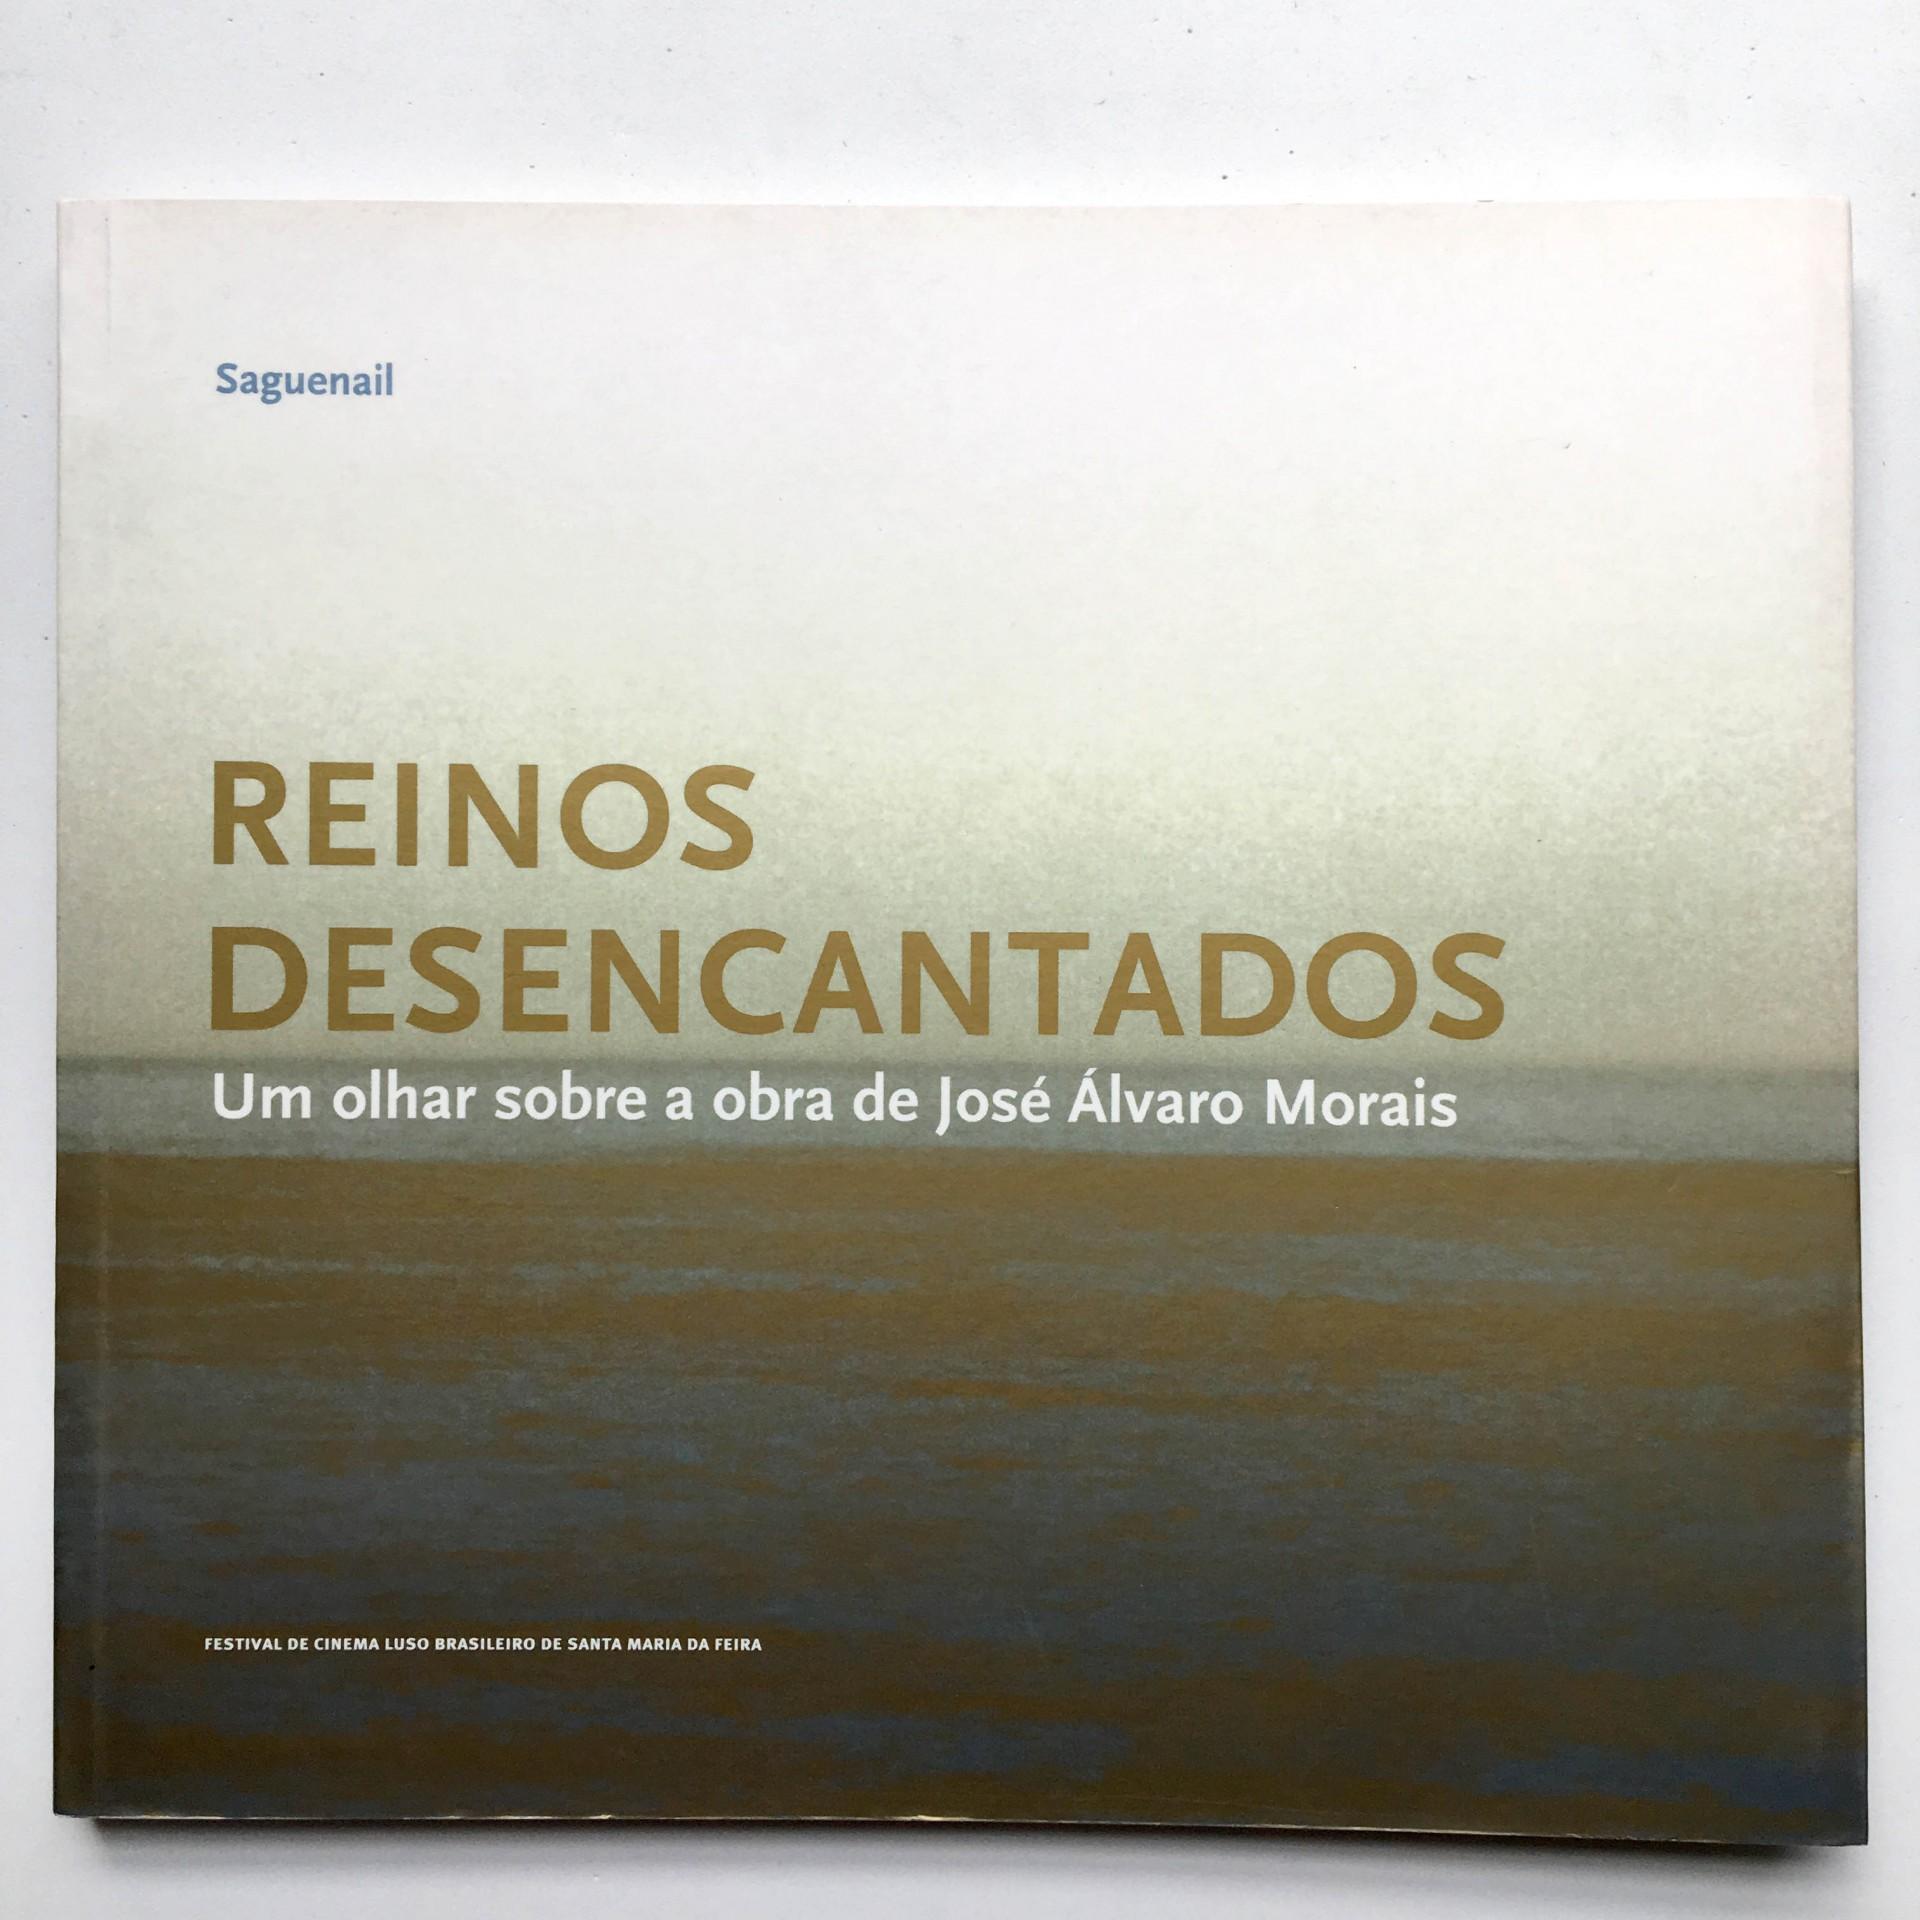 Reinos Desencantados: um olhar sobre a obra de José Álvaro Morais